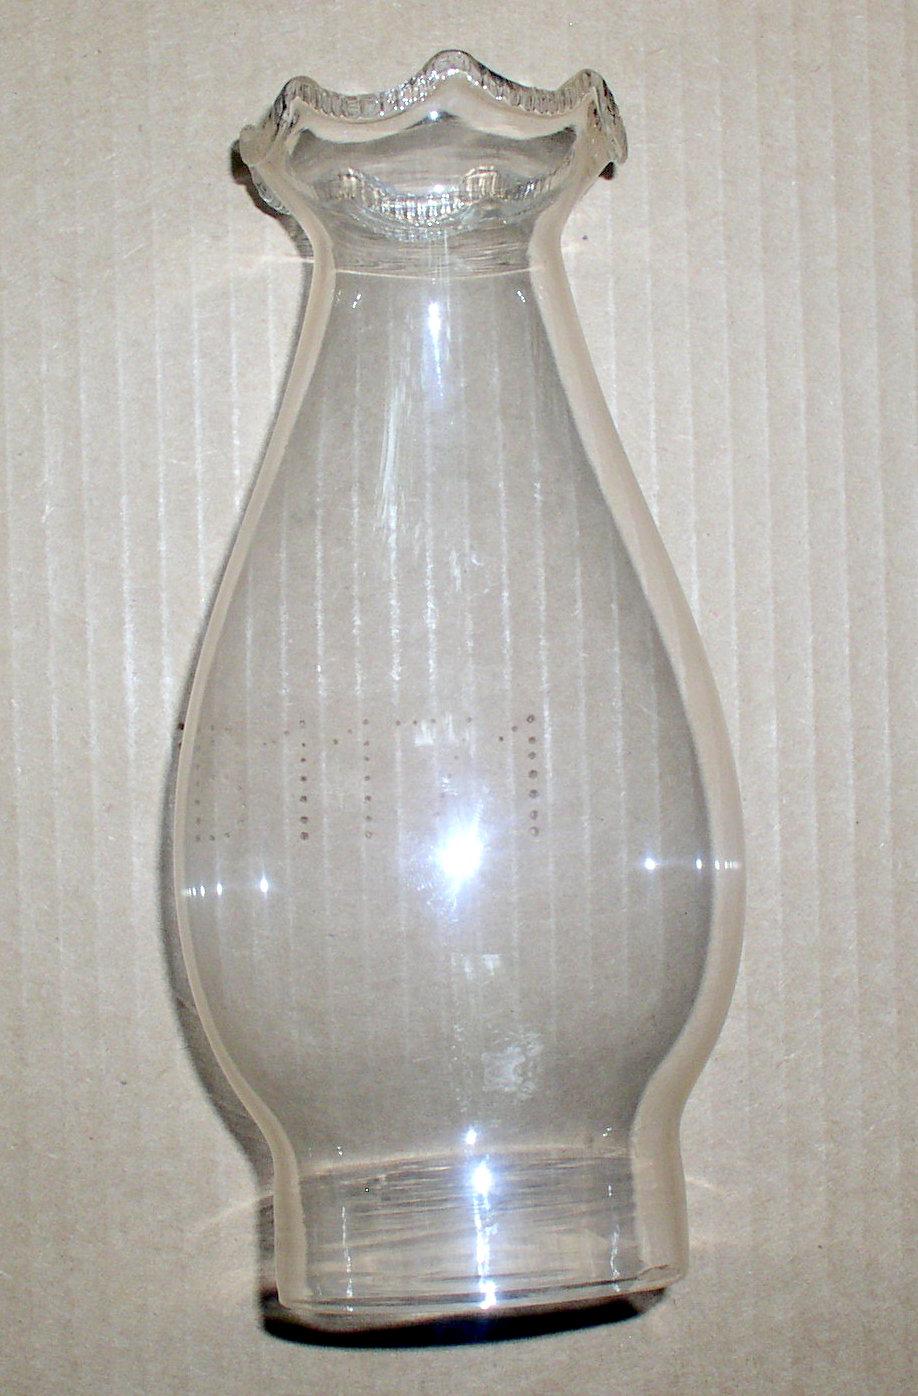 Antique No 1 Crimp Top Pie Crust Kerosene Oil Lamp